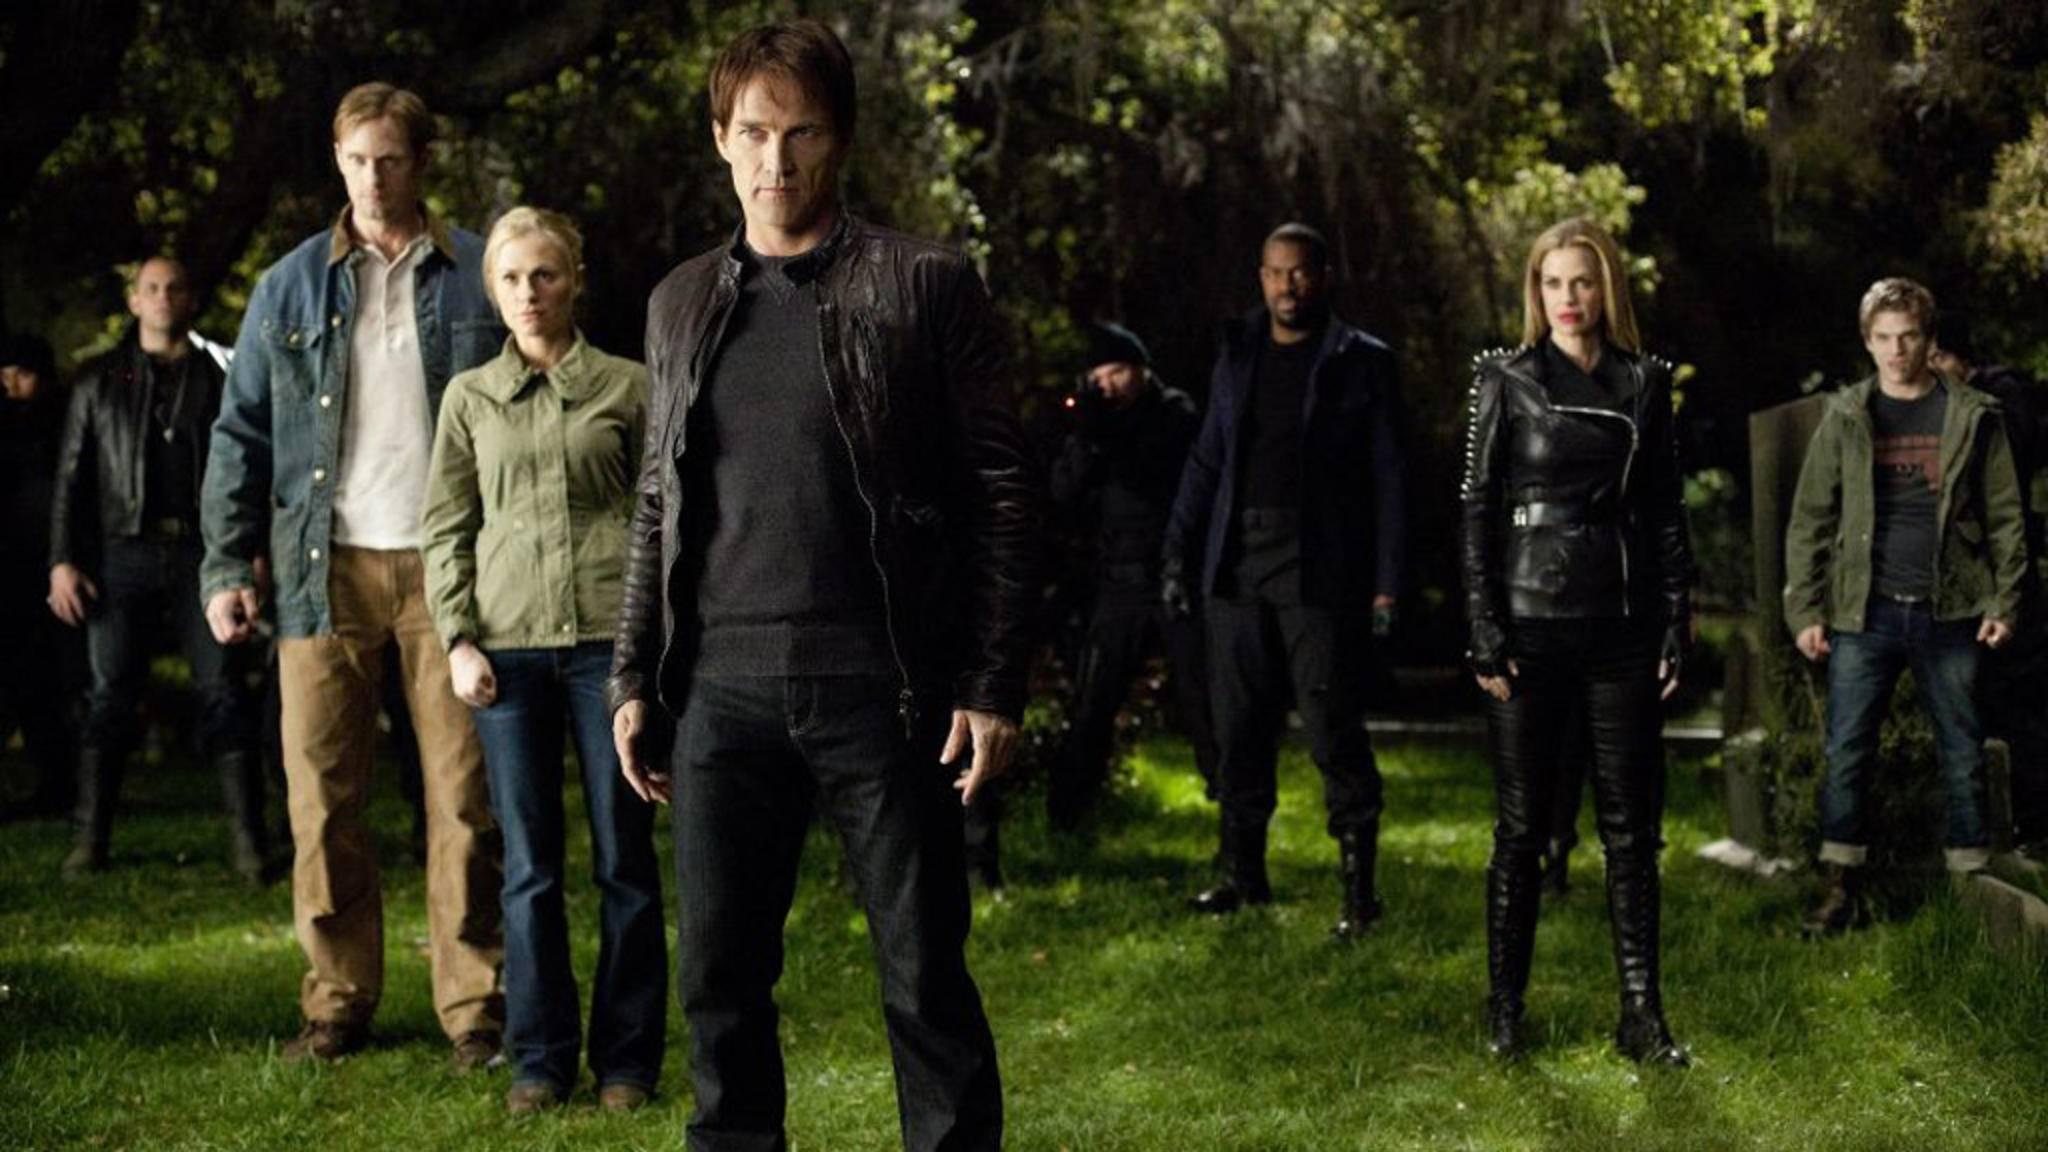 """Mit den glitzernden Blutsaugern aus """"Twilight"""" hatten die """"True Blood""""-Vampire so gar nichts gemein ... – und sie alle zeigten großes Interesse an Serien-Protagonistin Sookie."""